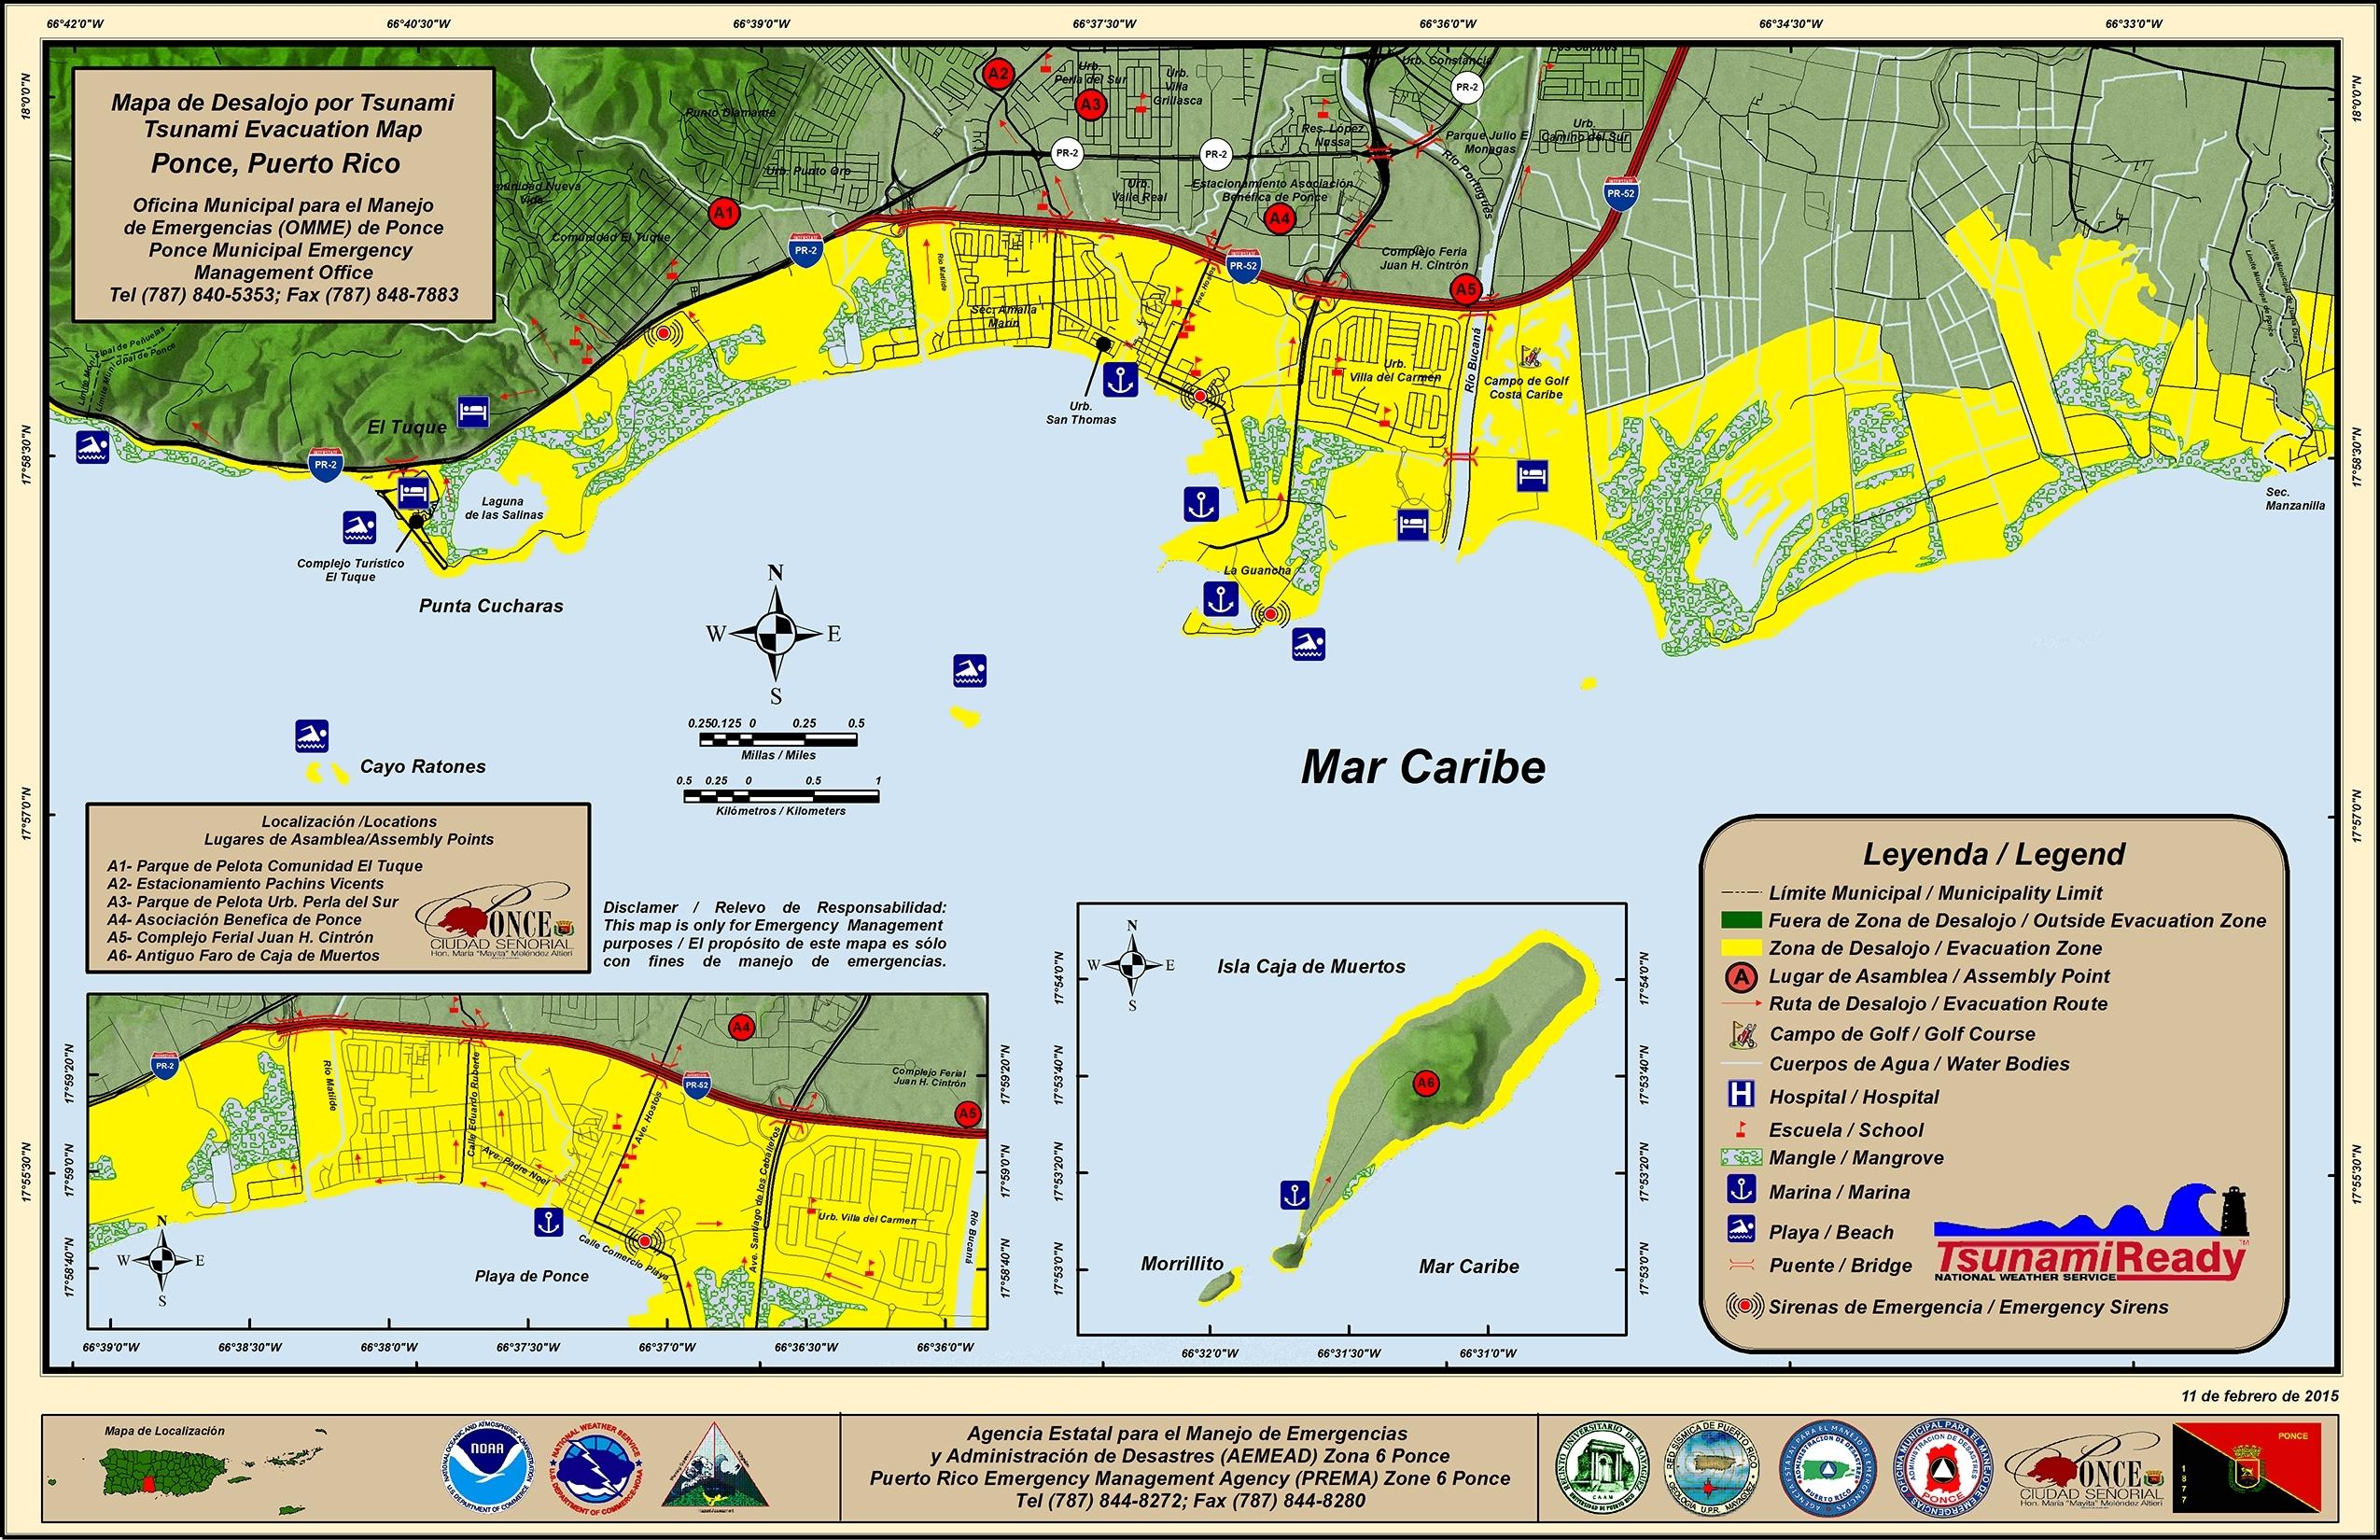 Evacuation Plan with Mapa Miami Puerto Rico